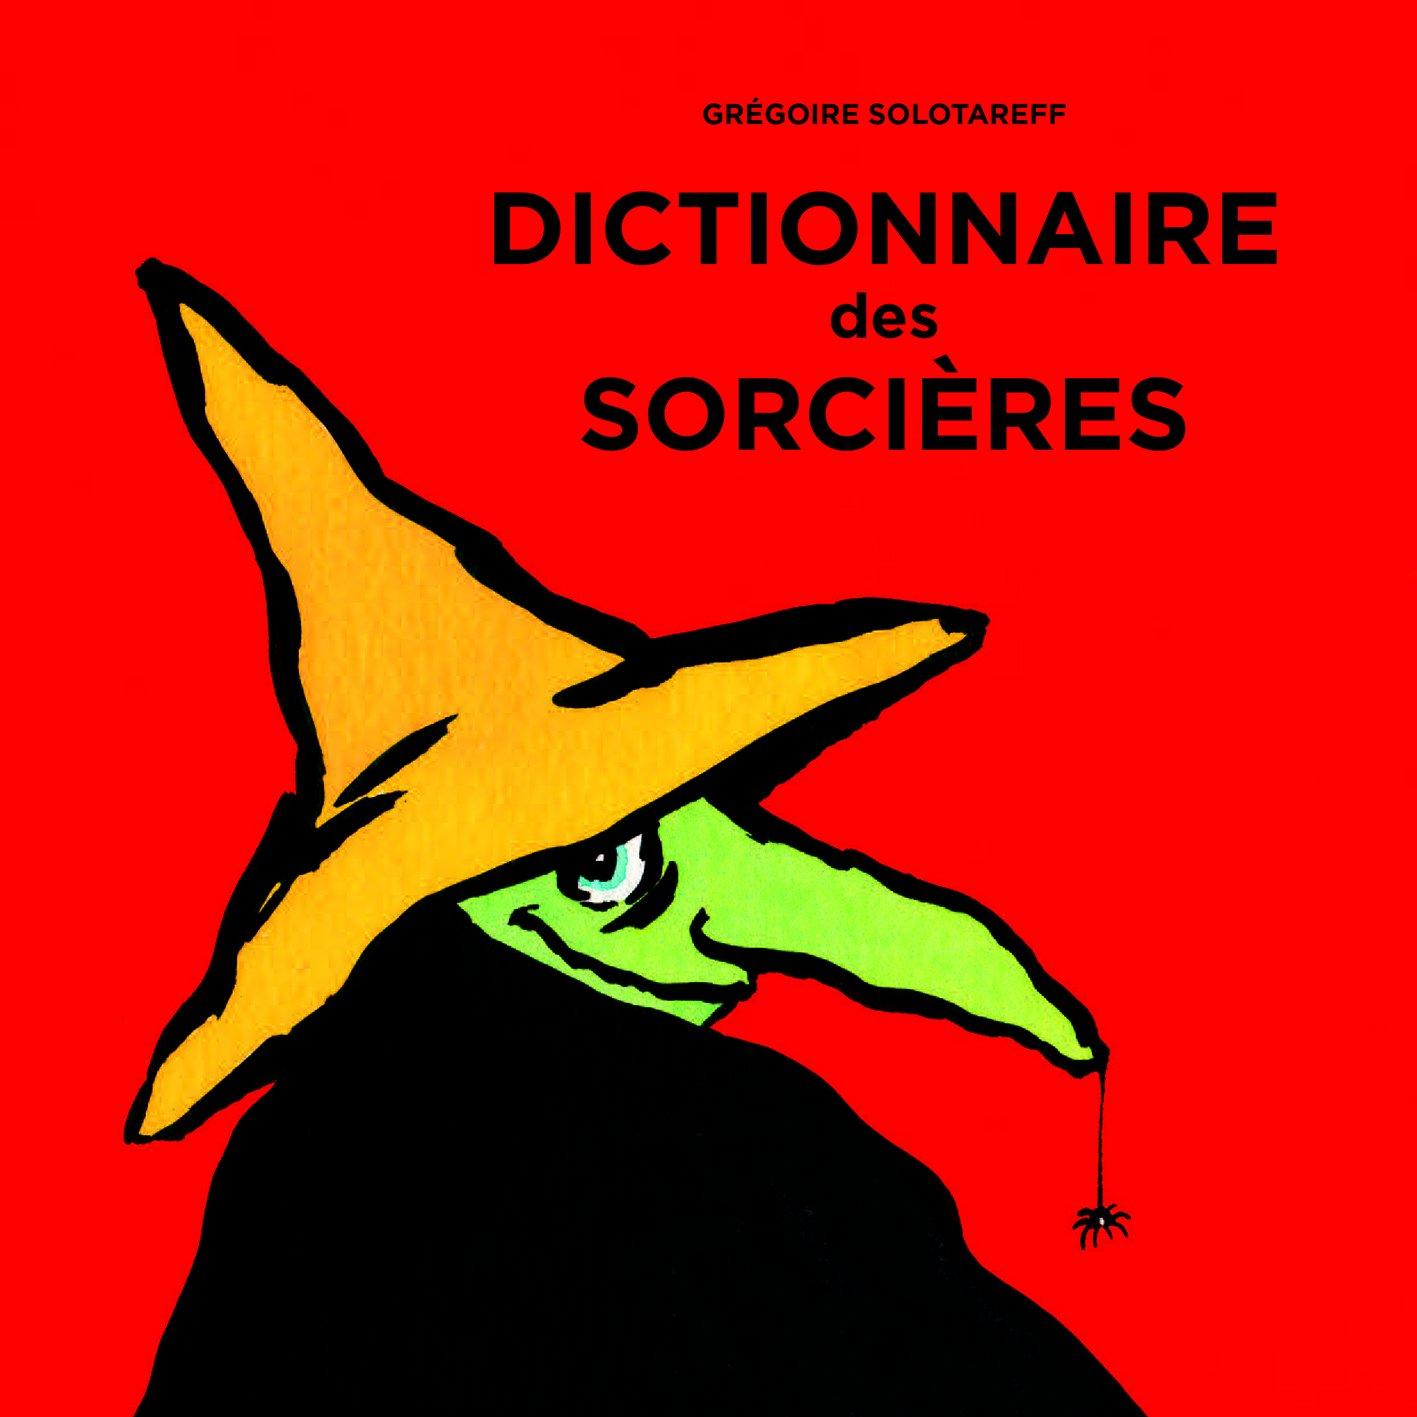 sorcieres